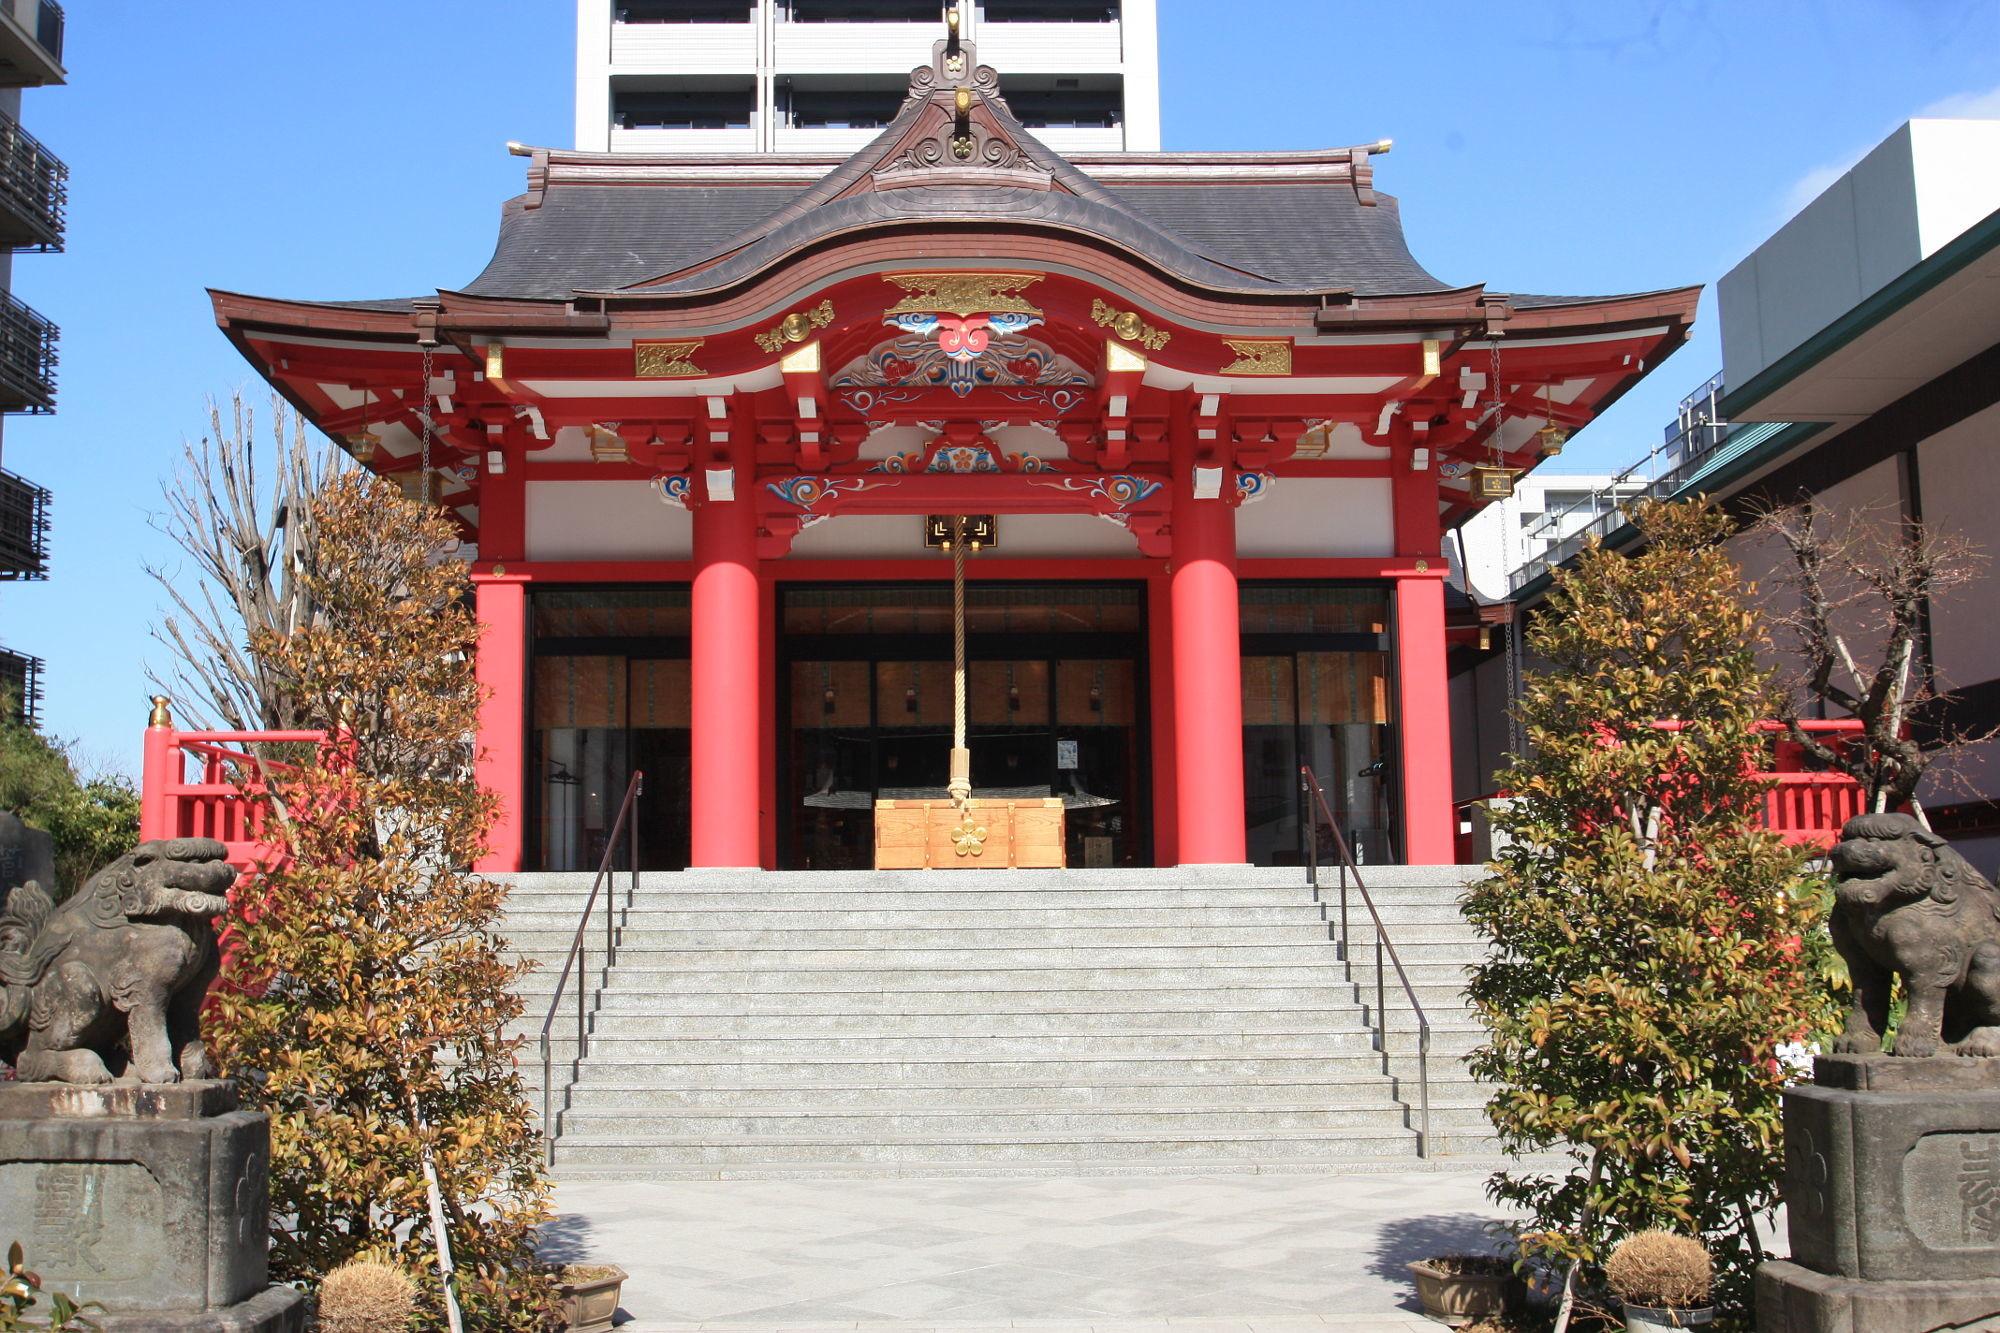 成子天神社の社殿(拝殿)